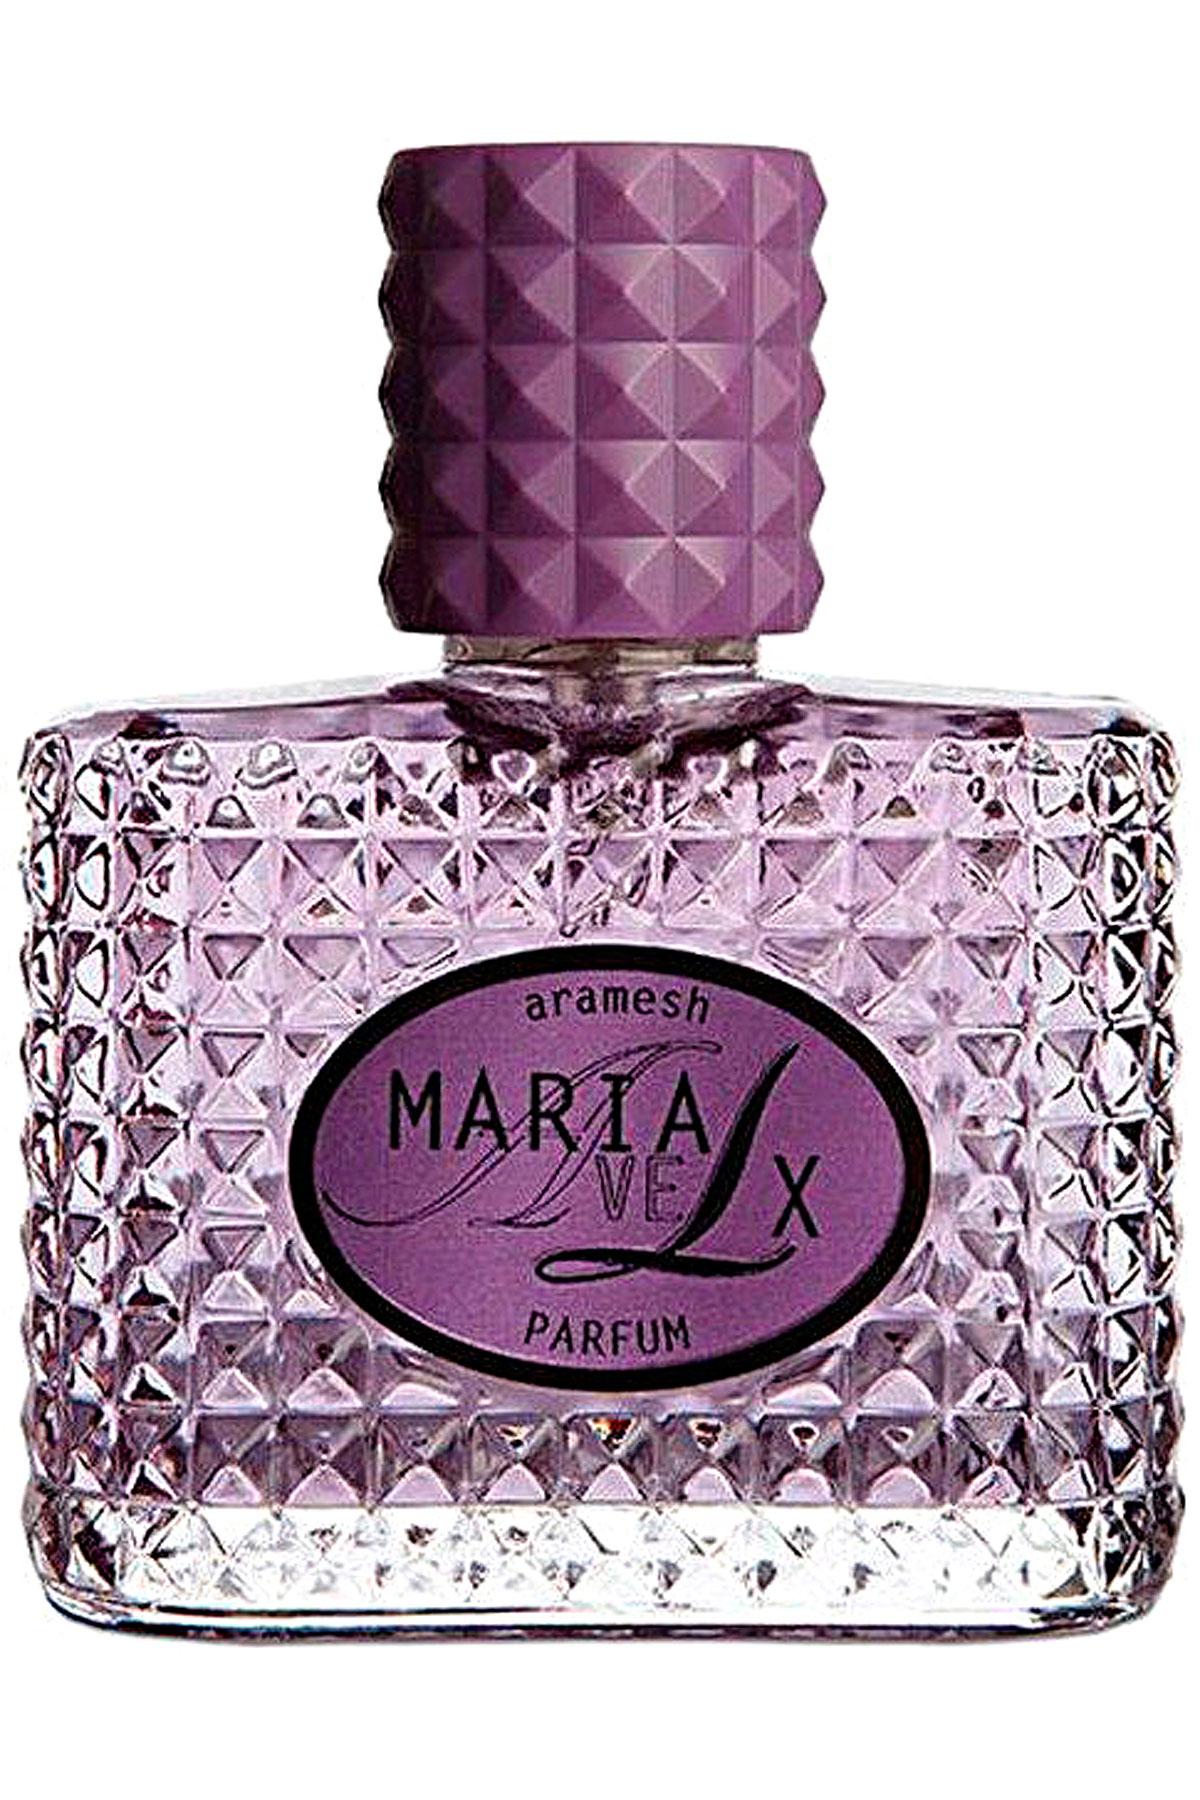 MariaLux Fragrances for Men On Sale, Aramesh - Eau De Parfum - 60 Ml, 2019, 60 ml